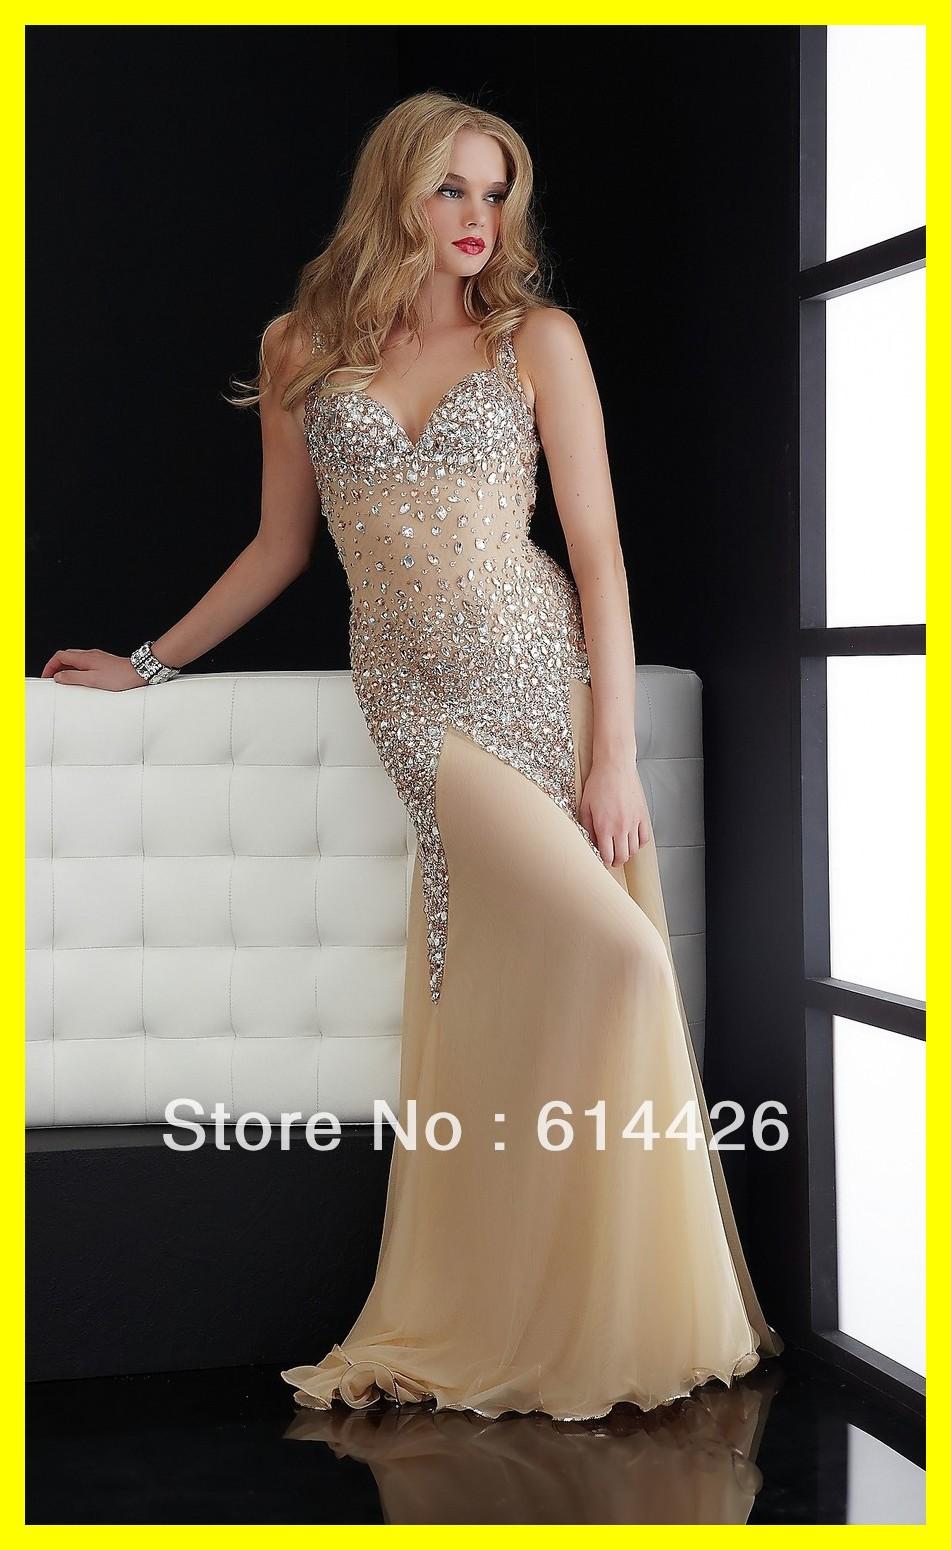 Купить Платье Прозрачное Со Стразами